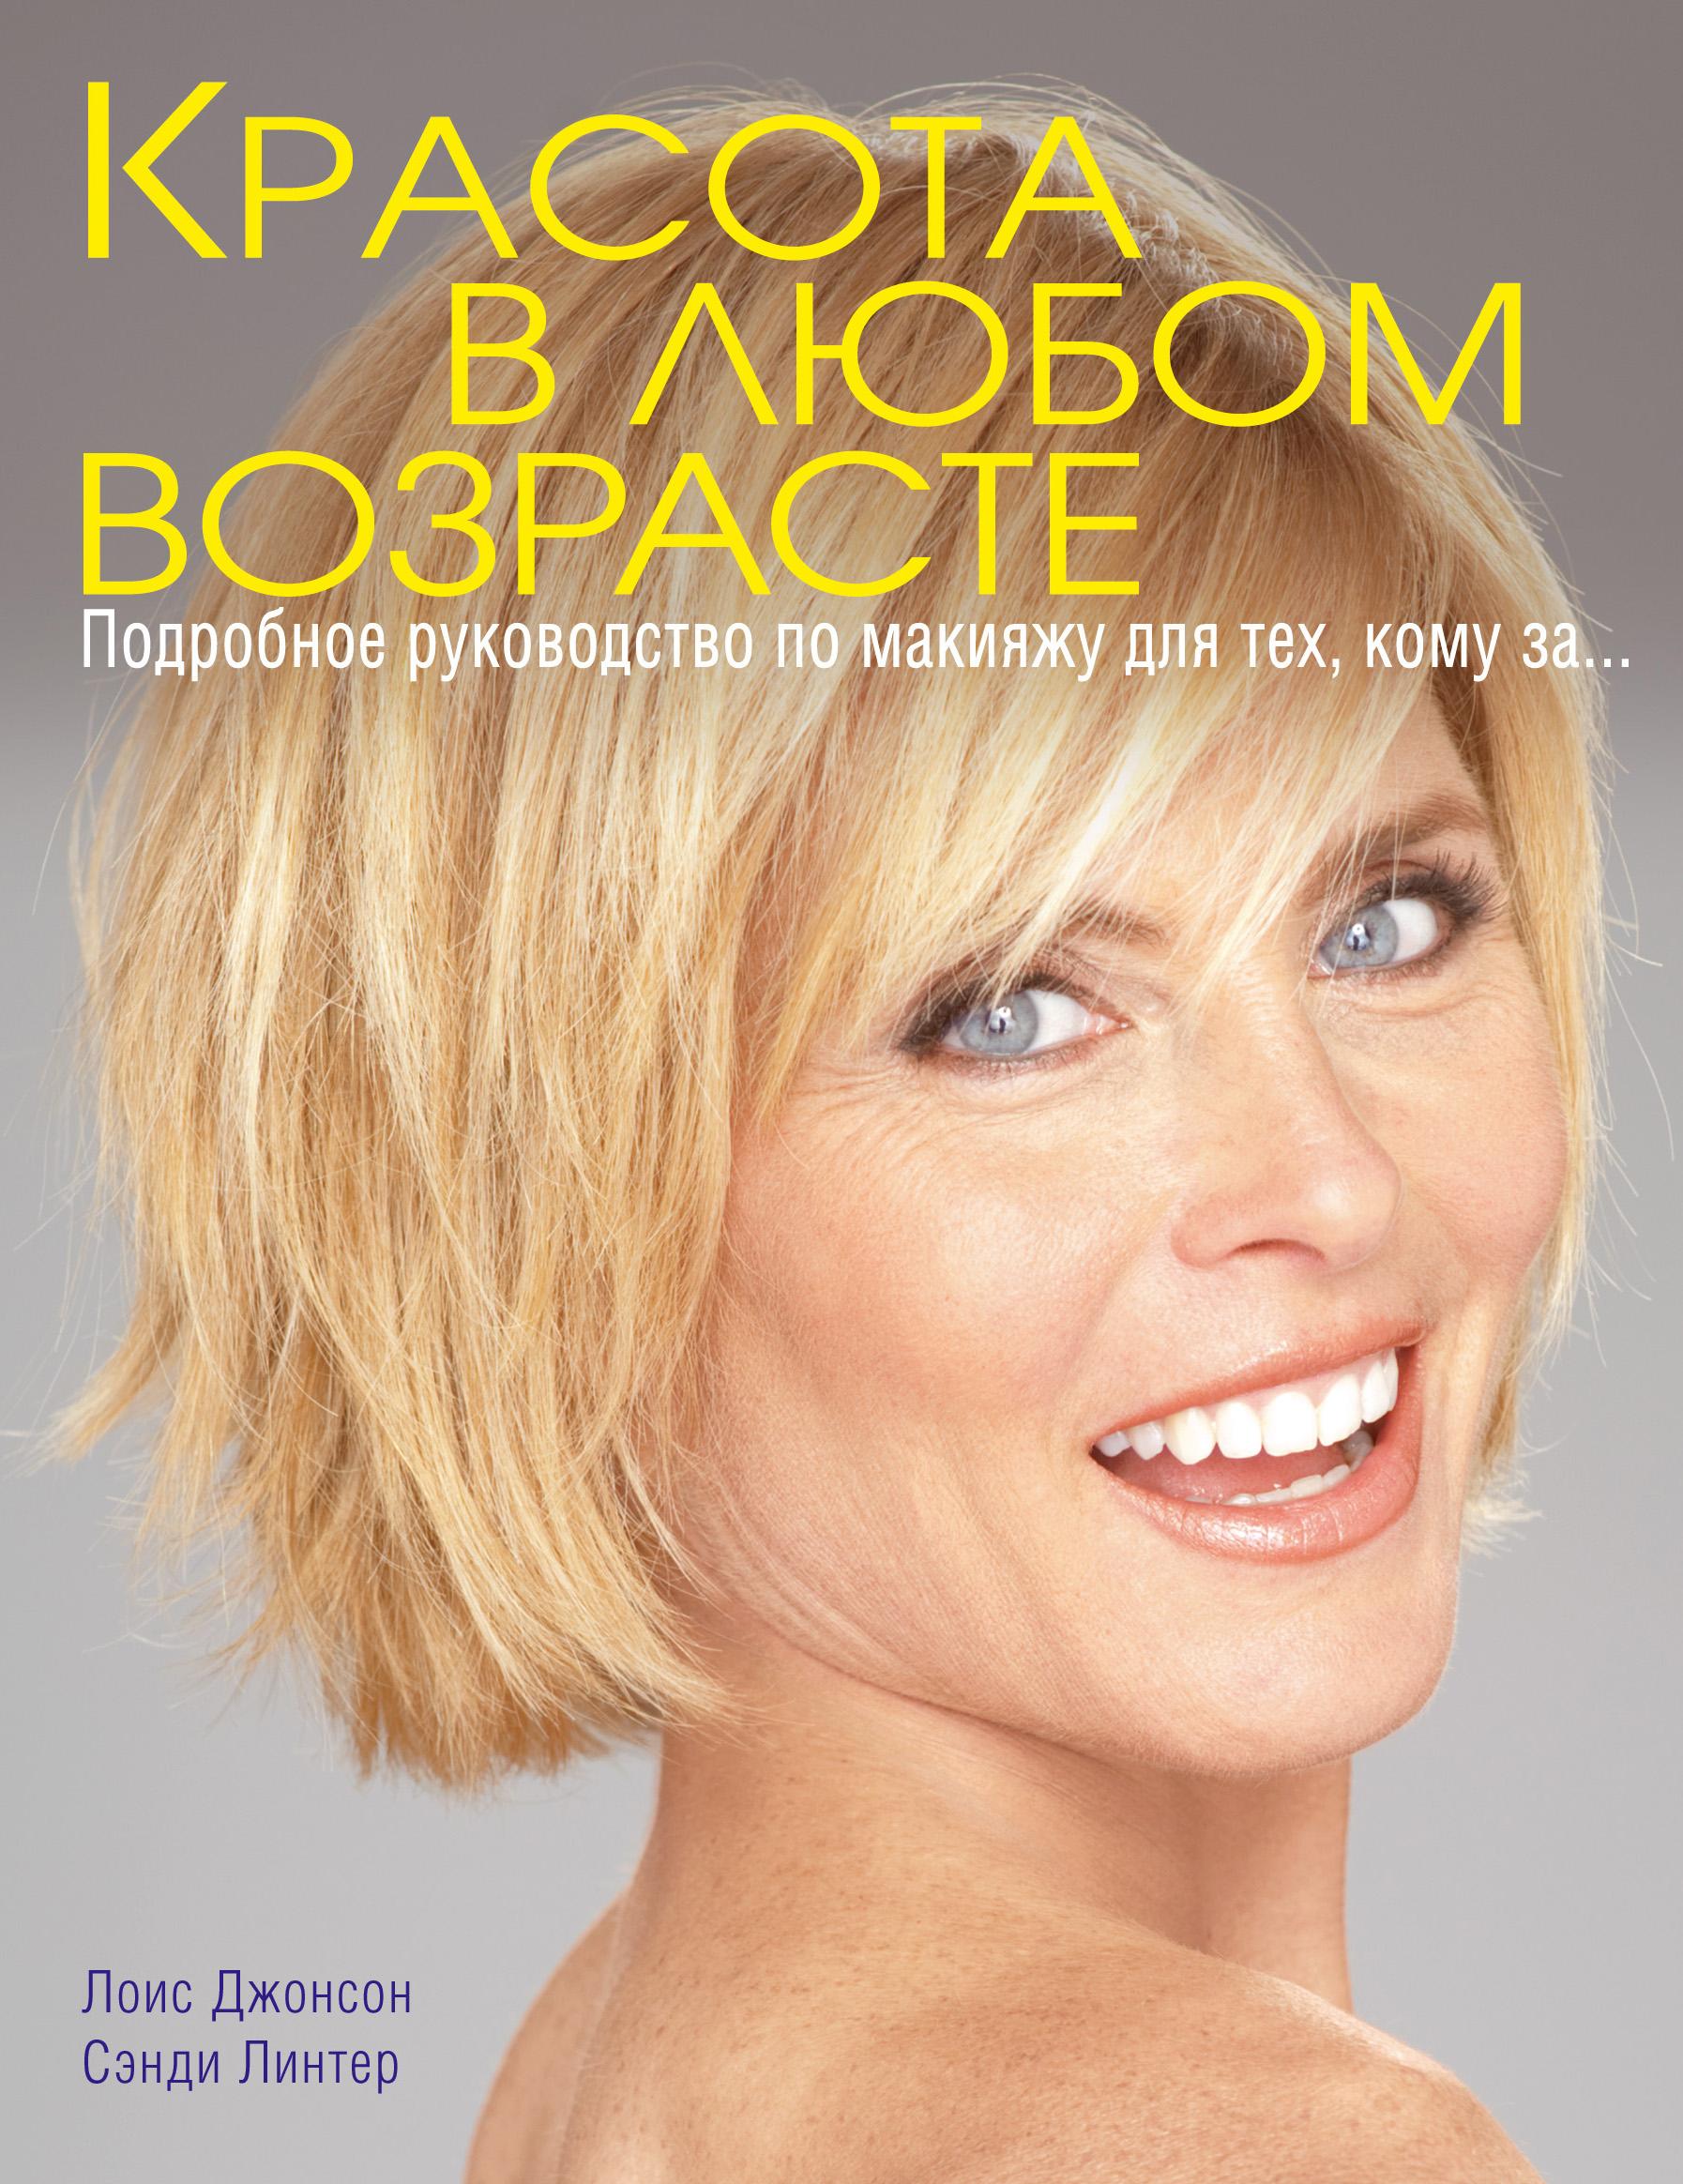 Красота в любом возрасте. Подробное руководство по макияжу для тех, кому за...